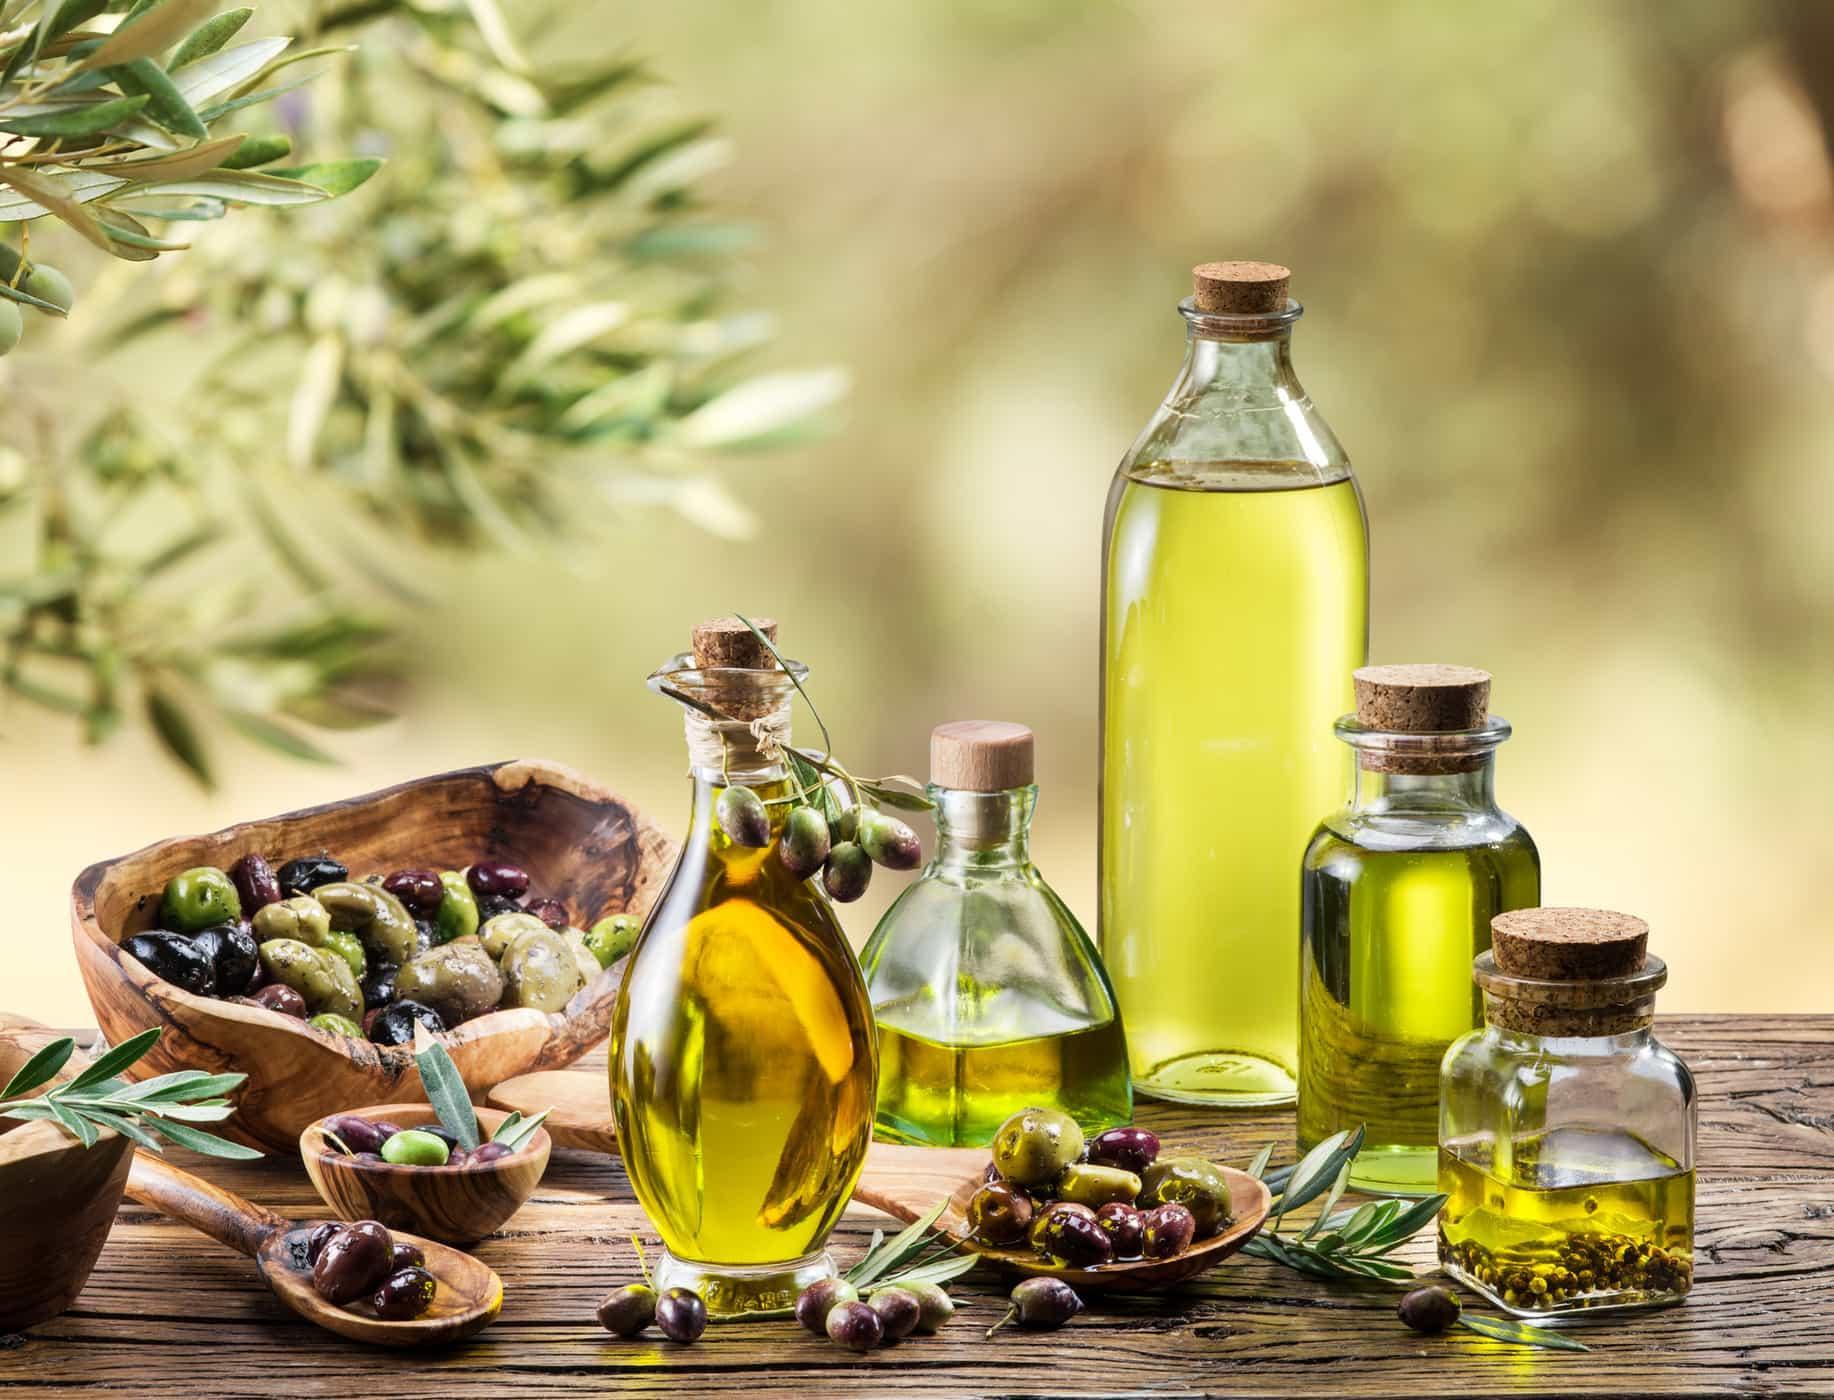 Tinh dầu Jojoba mang đặc tính nhẹ nhàng, không gây kích ứng cho da.